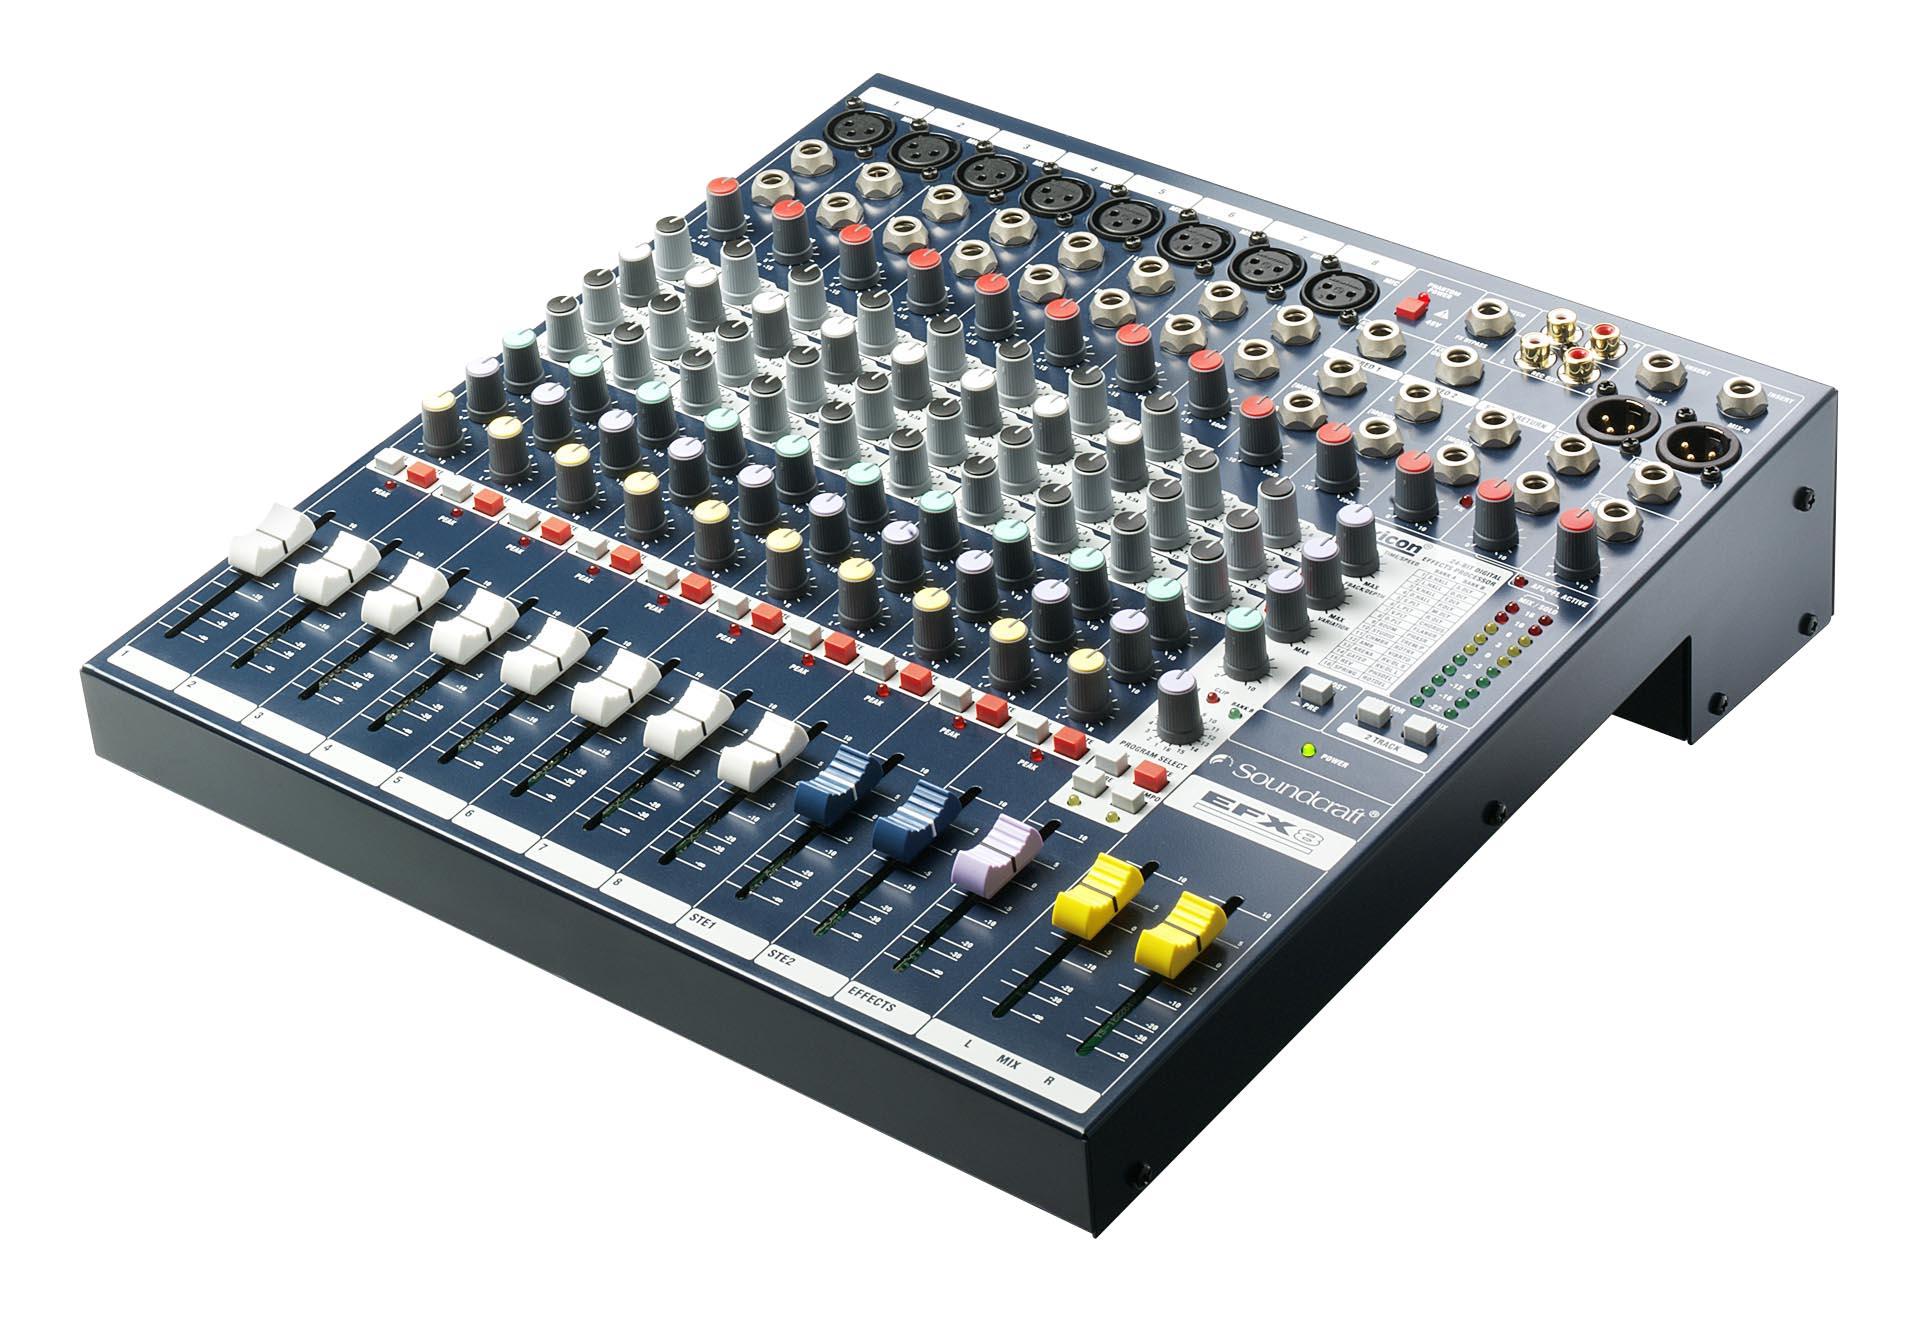 Componente da Mesa de Som EFX8 Soundcraft by HARMAN